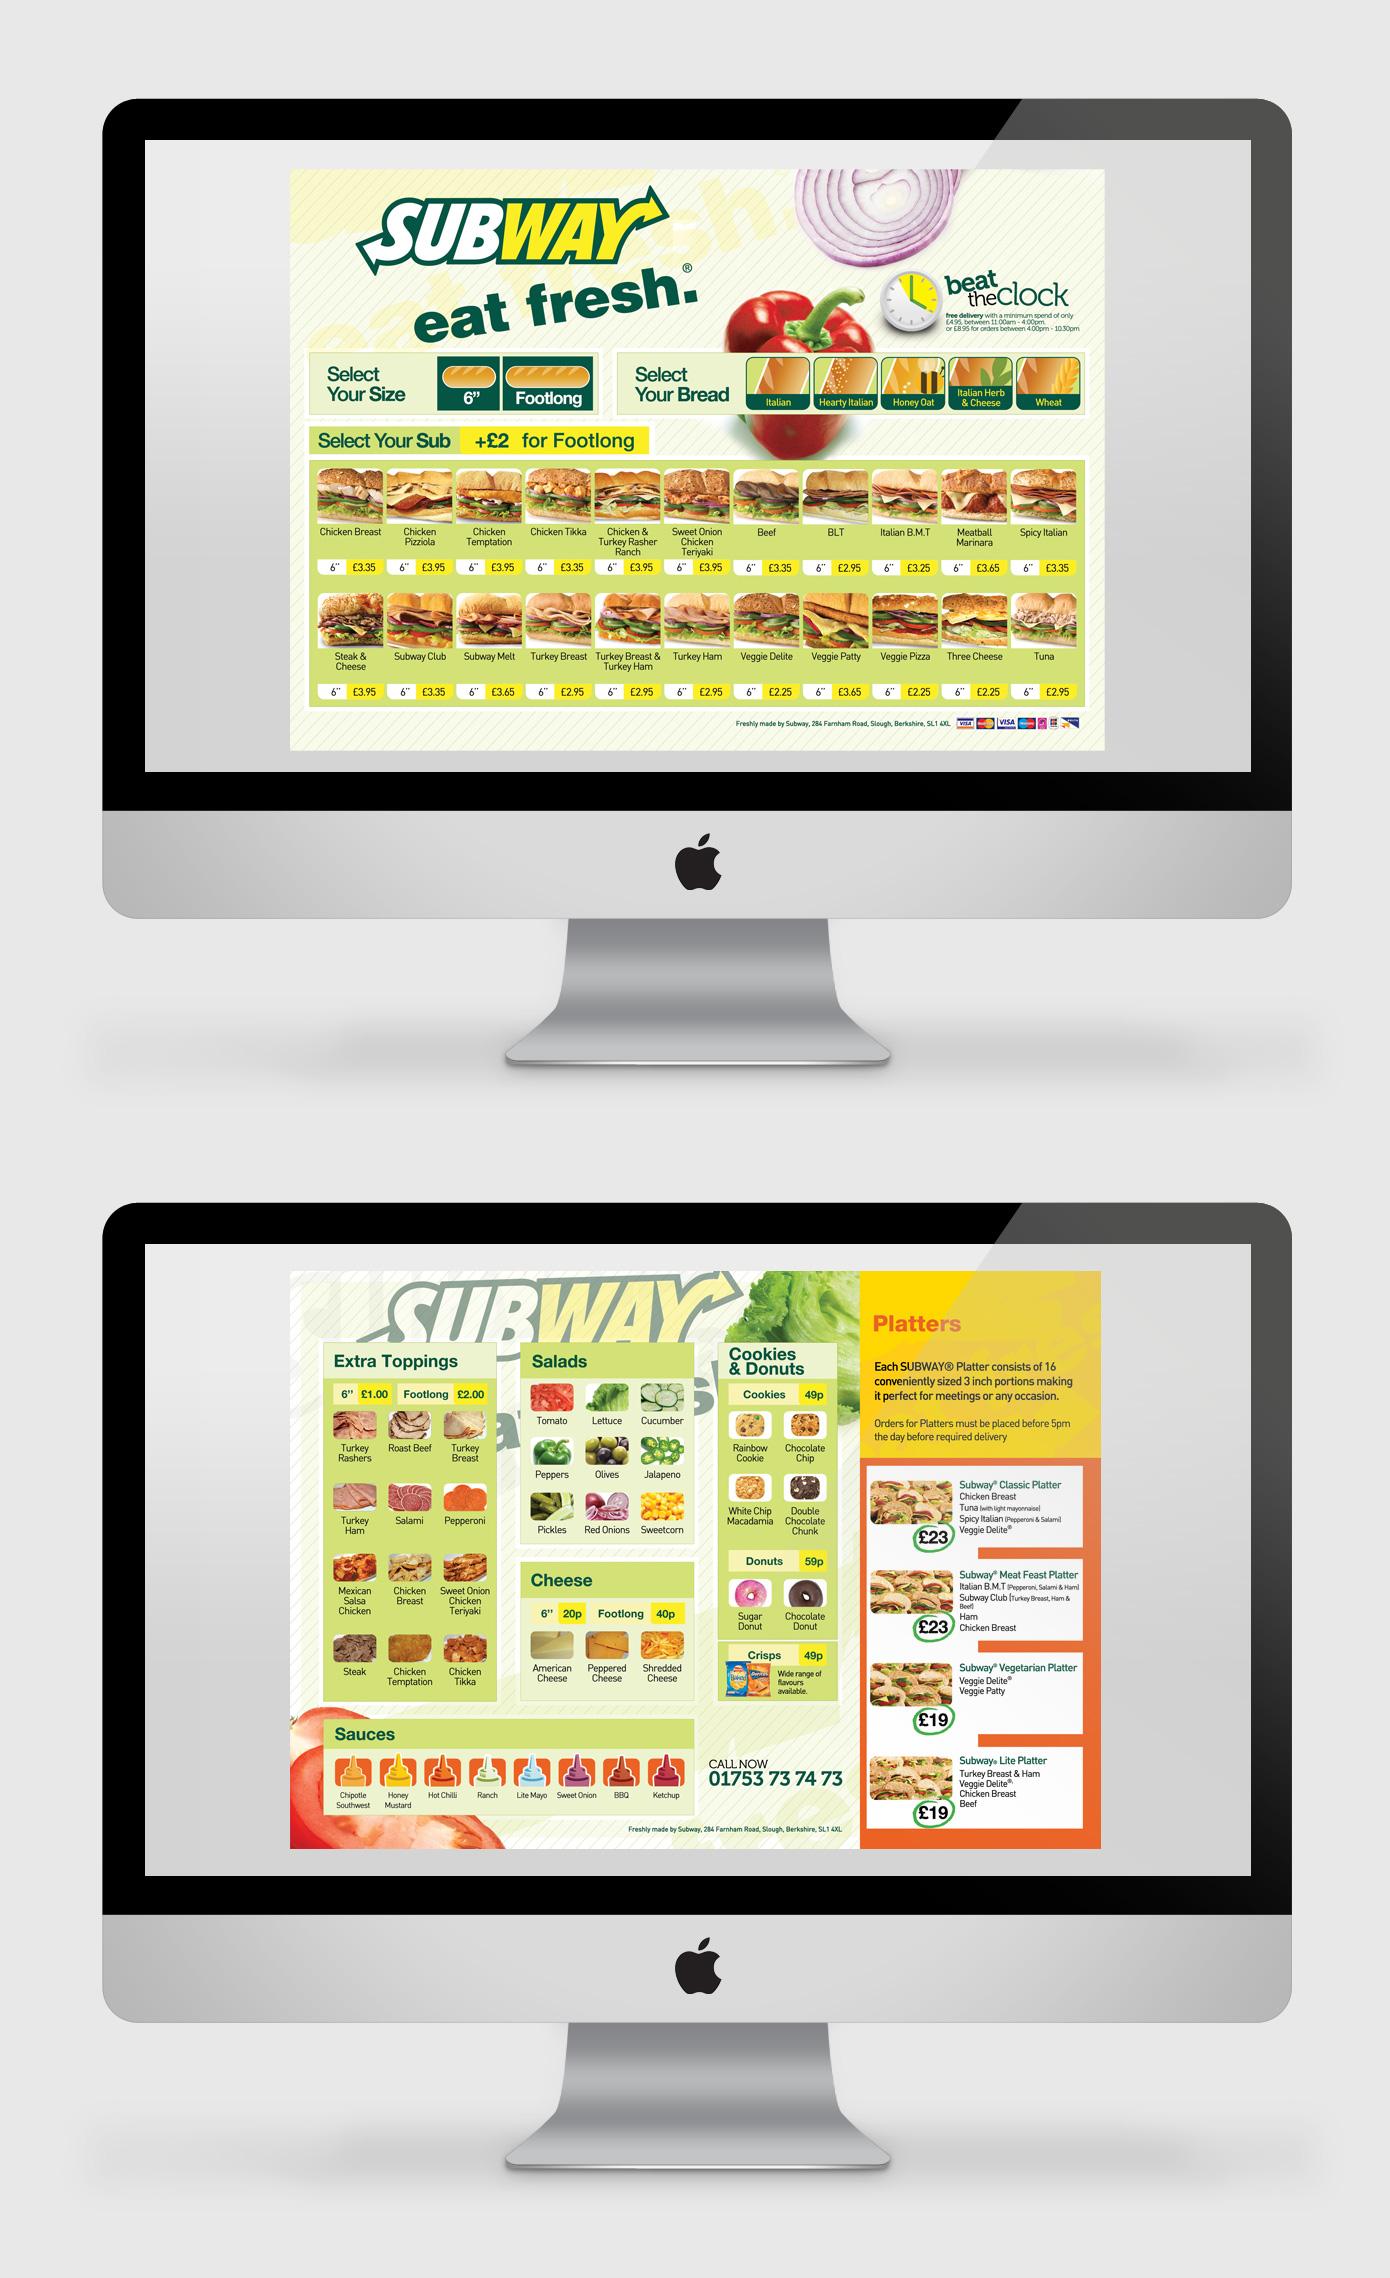 subway_mockup